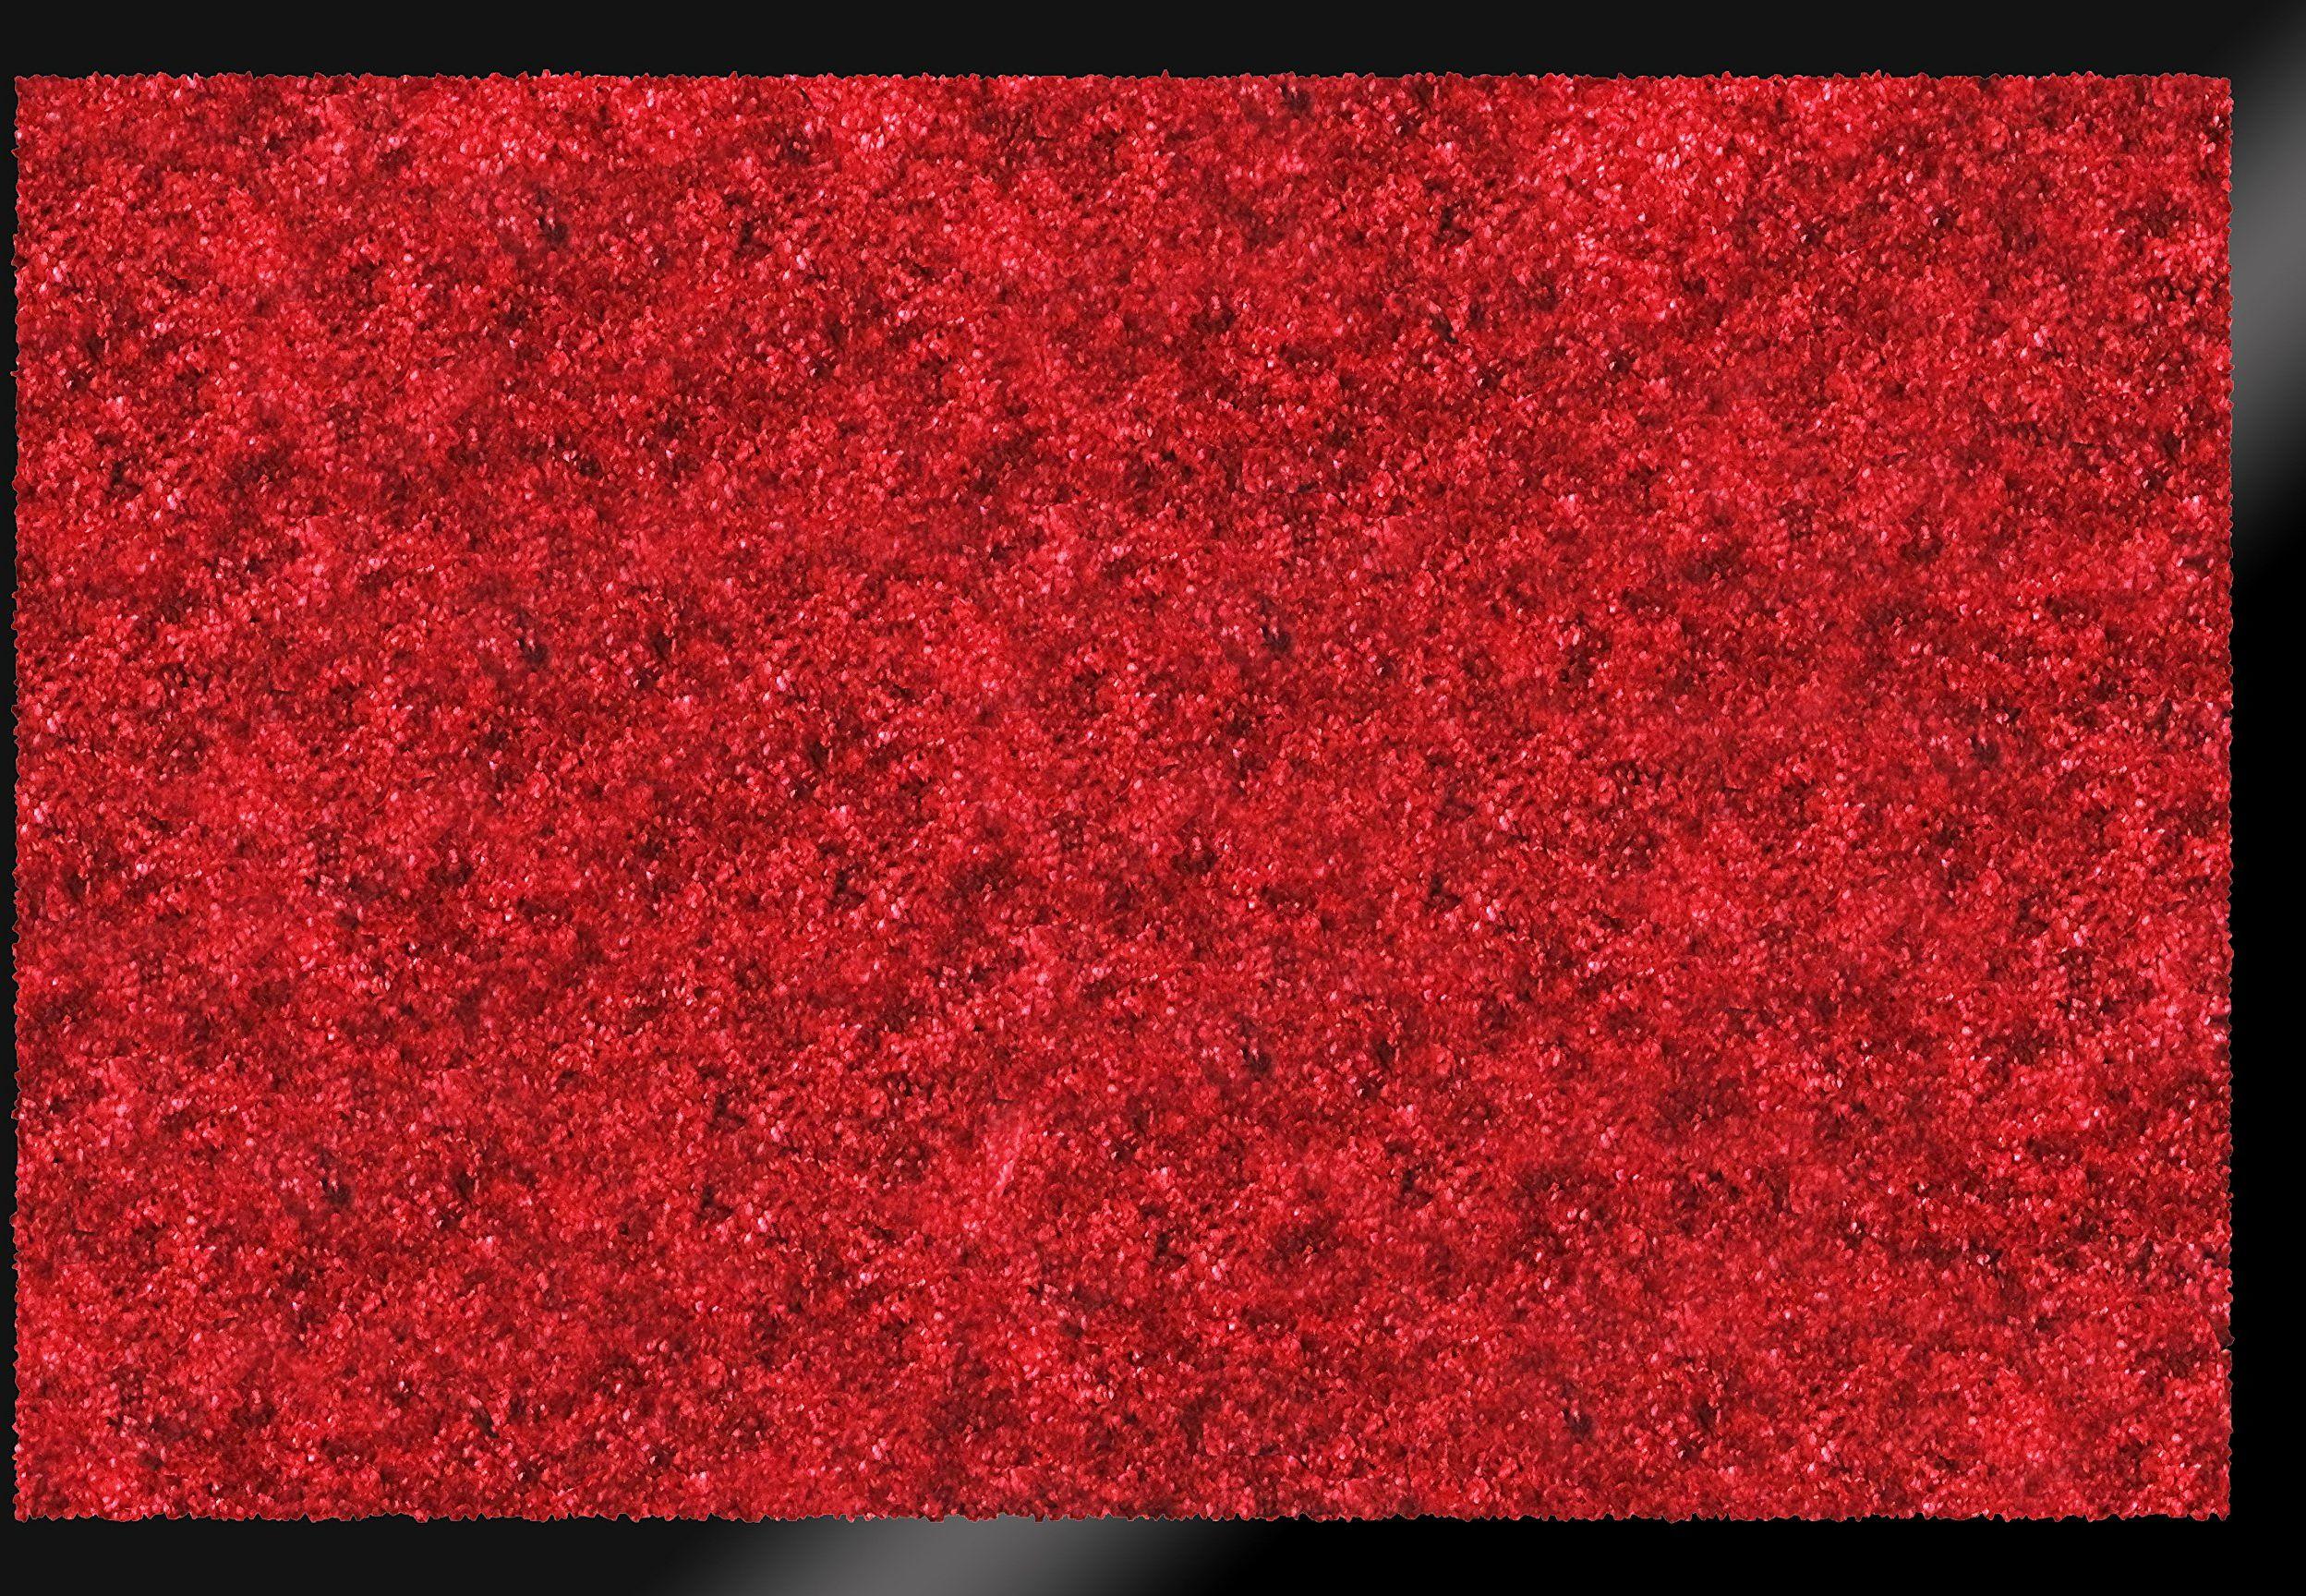 ID mat t miękki, włókna syntetyczne, czerwony, 40 x 60 x 0,9 cm